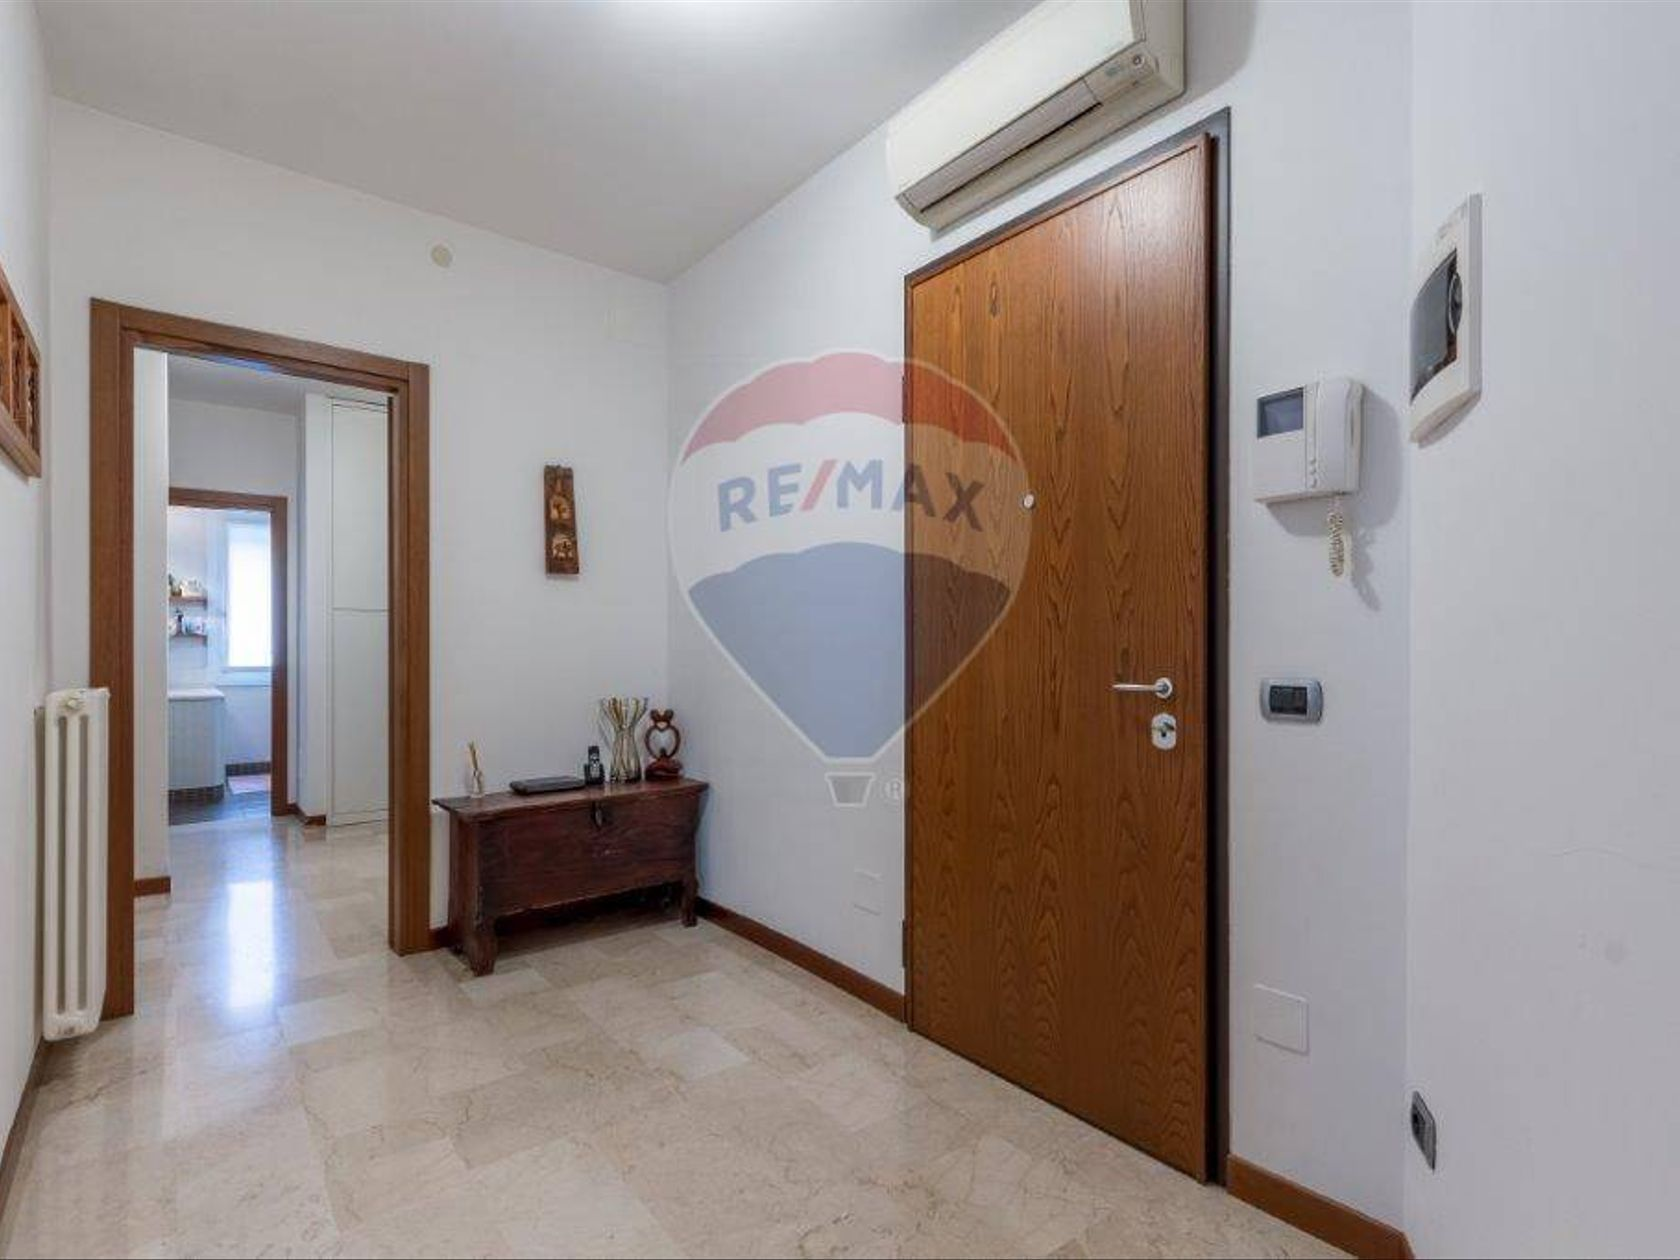 Appartamento Guizza, Padova, PD Vendita - Foto 6